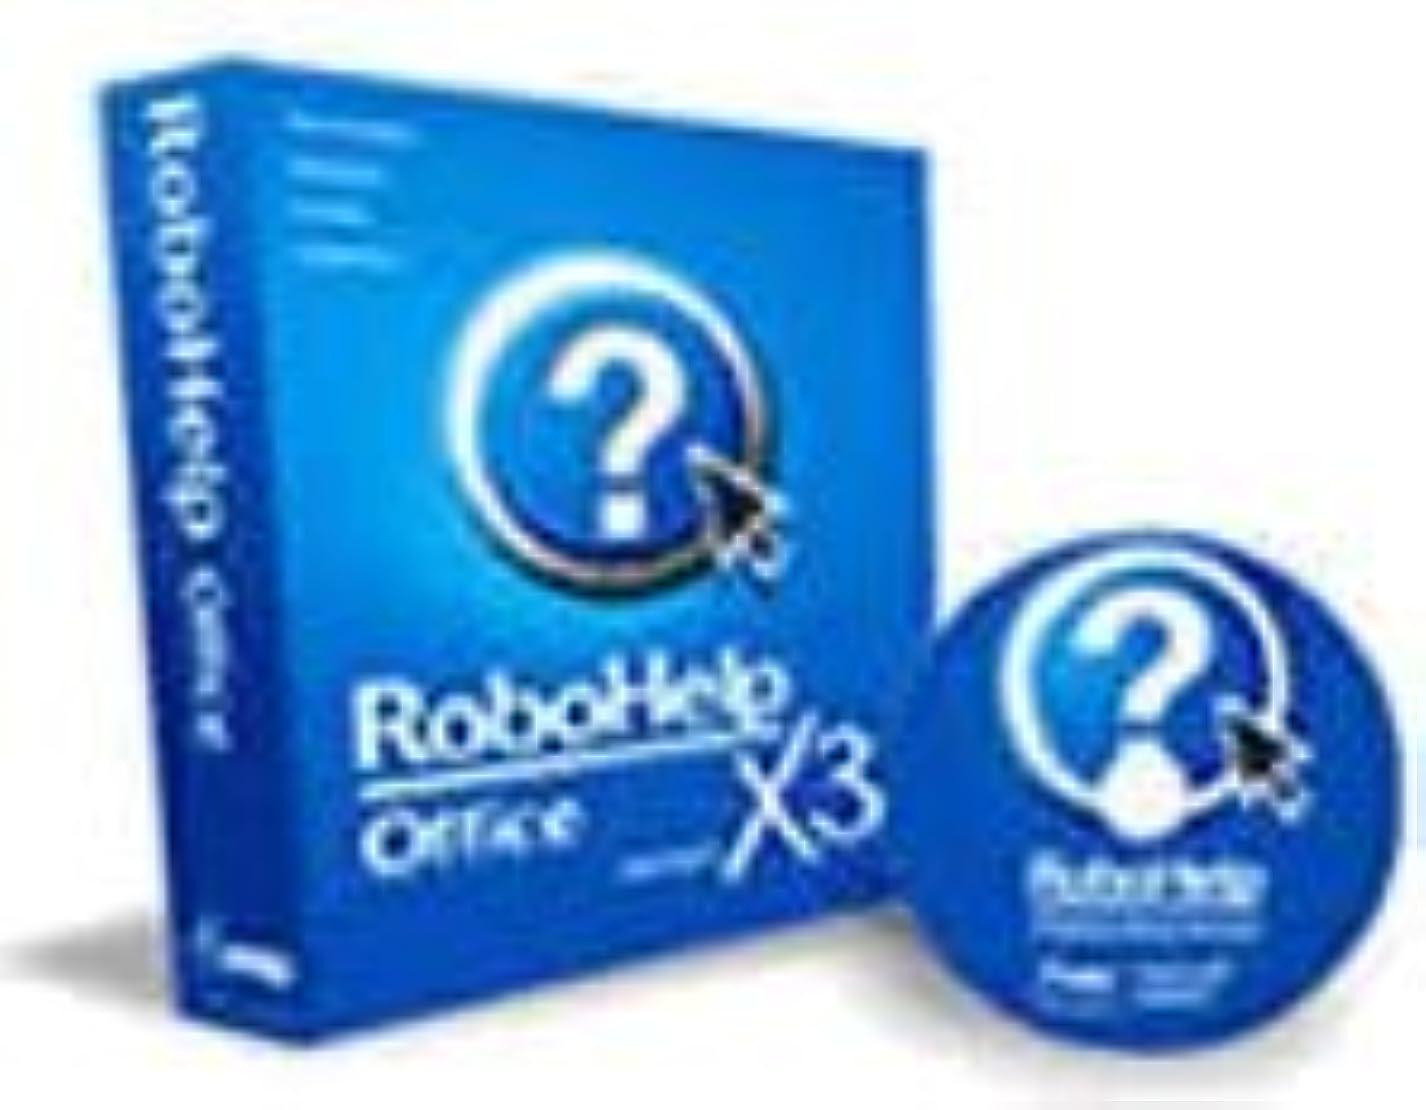 効率ファイアル豚RoboHelp Office X3 Windows